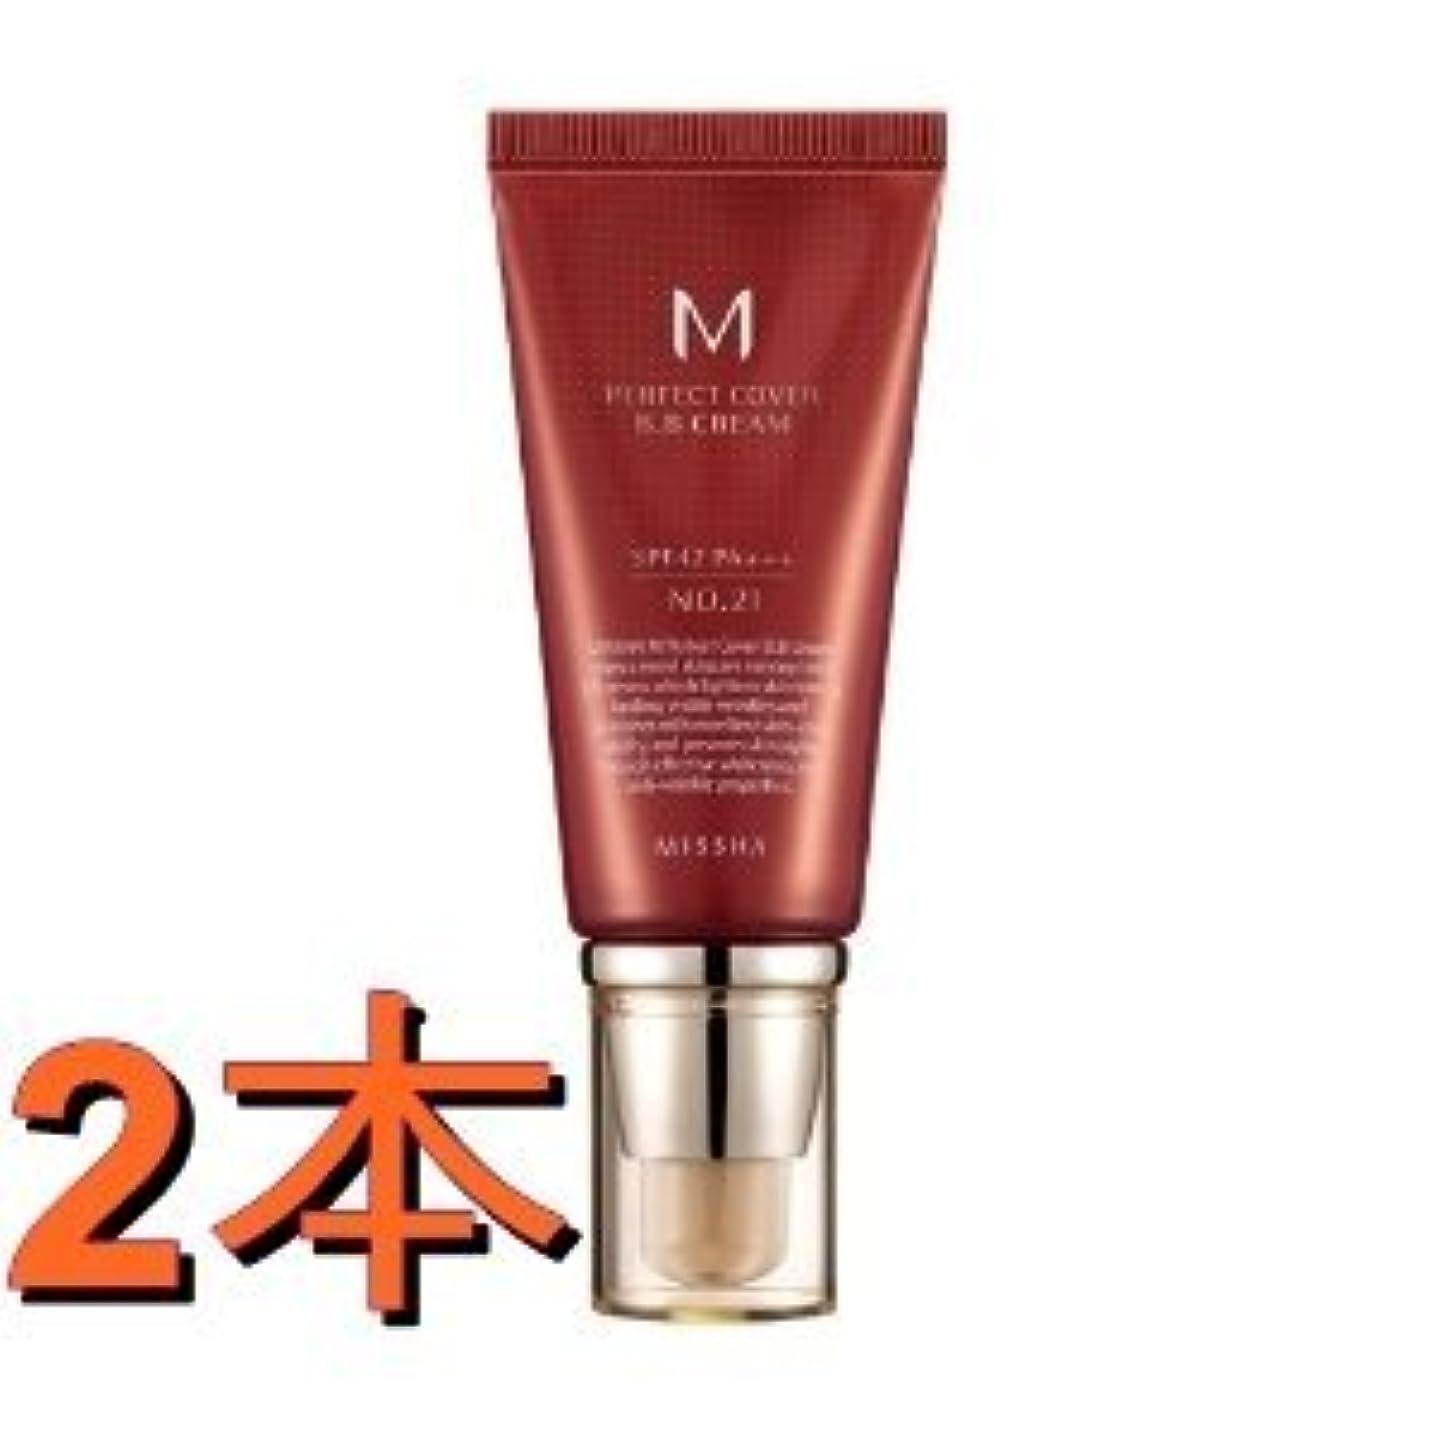 神経障害ジレンマコミットミシャ(MISSHA) M パーフェクトカバー BB クリーム 2本セット NO.23 (ナチュラルでおちつきのある肌色) SPF42 PA++ 50ml[並行輸入品]